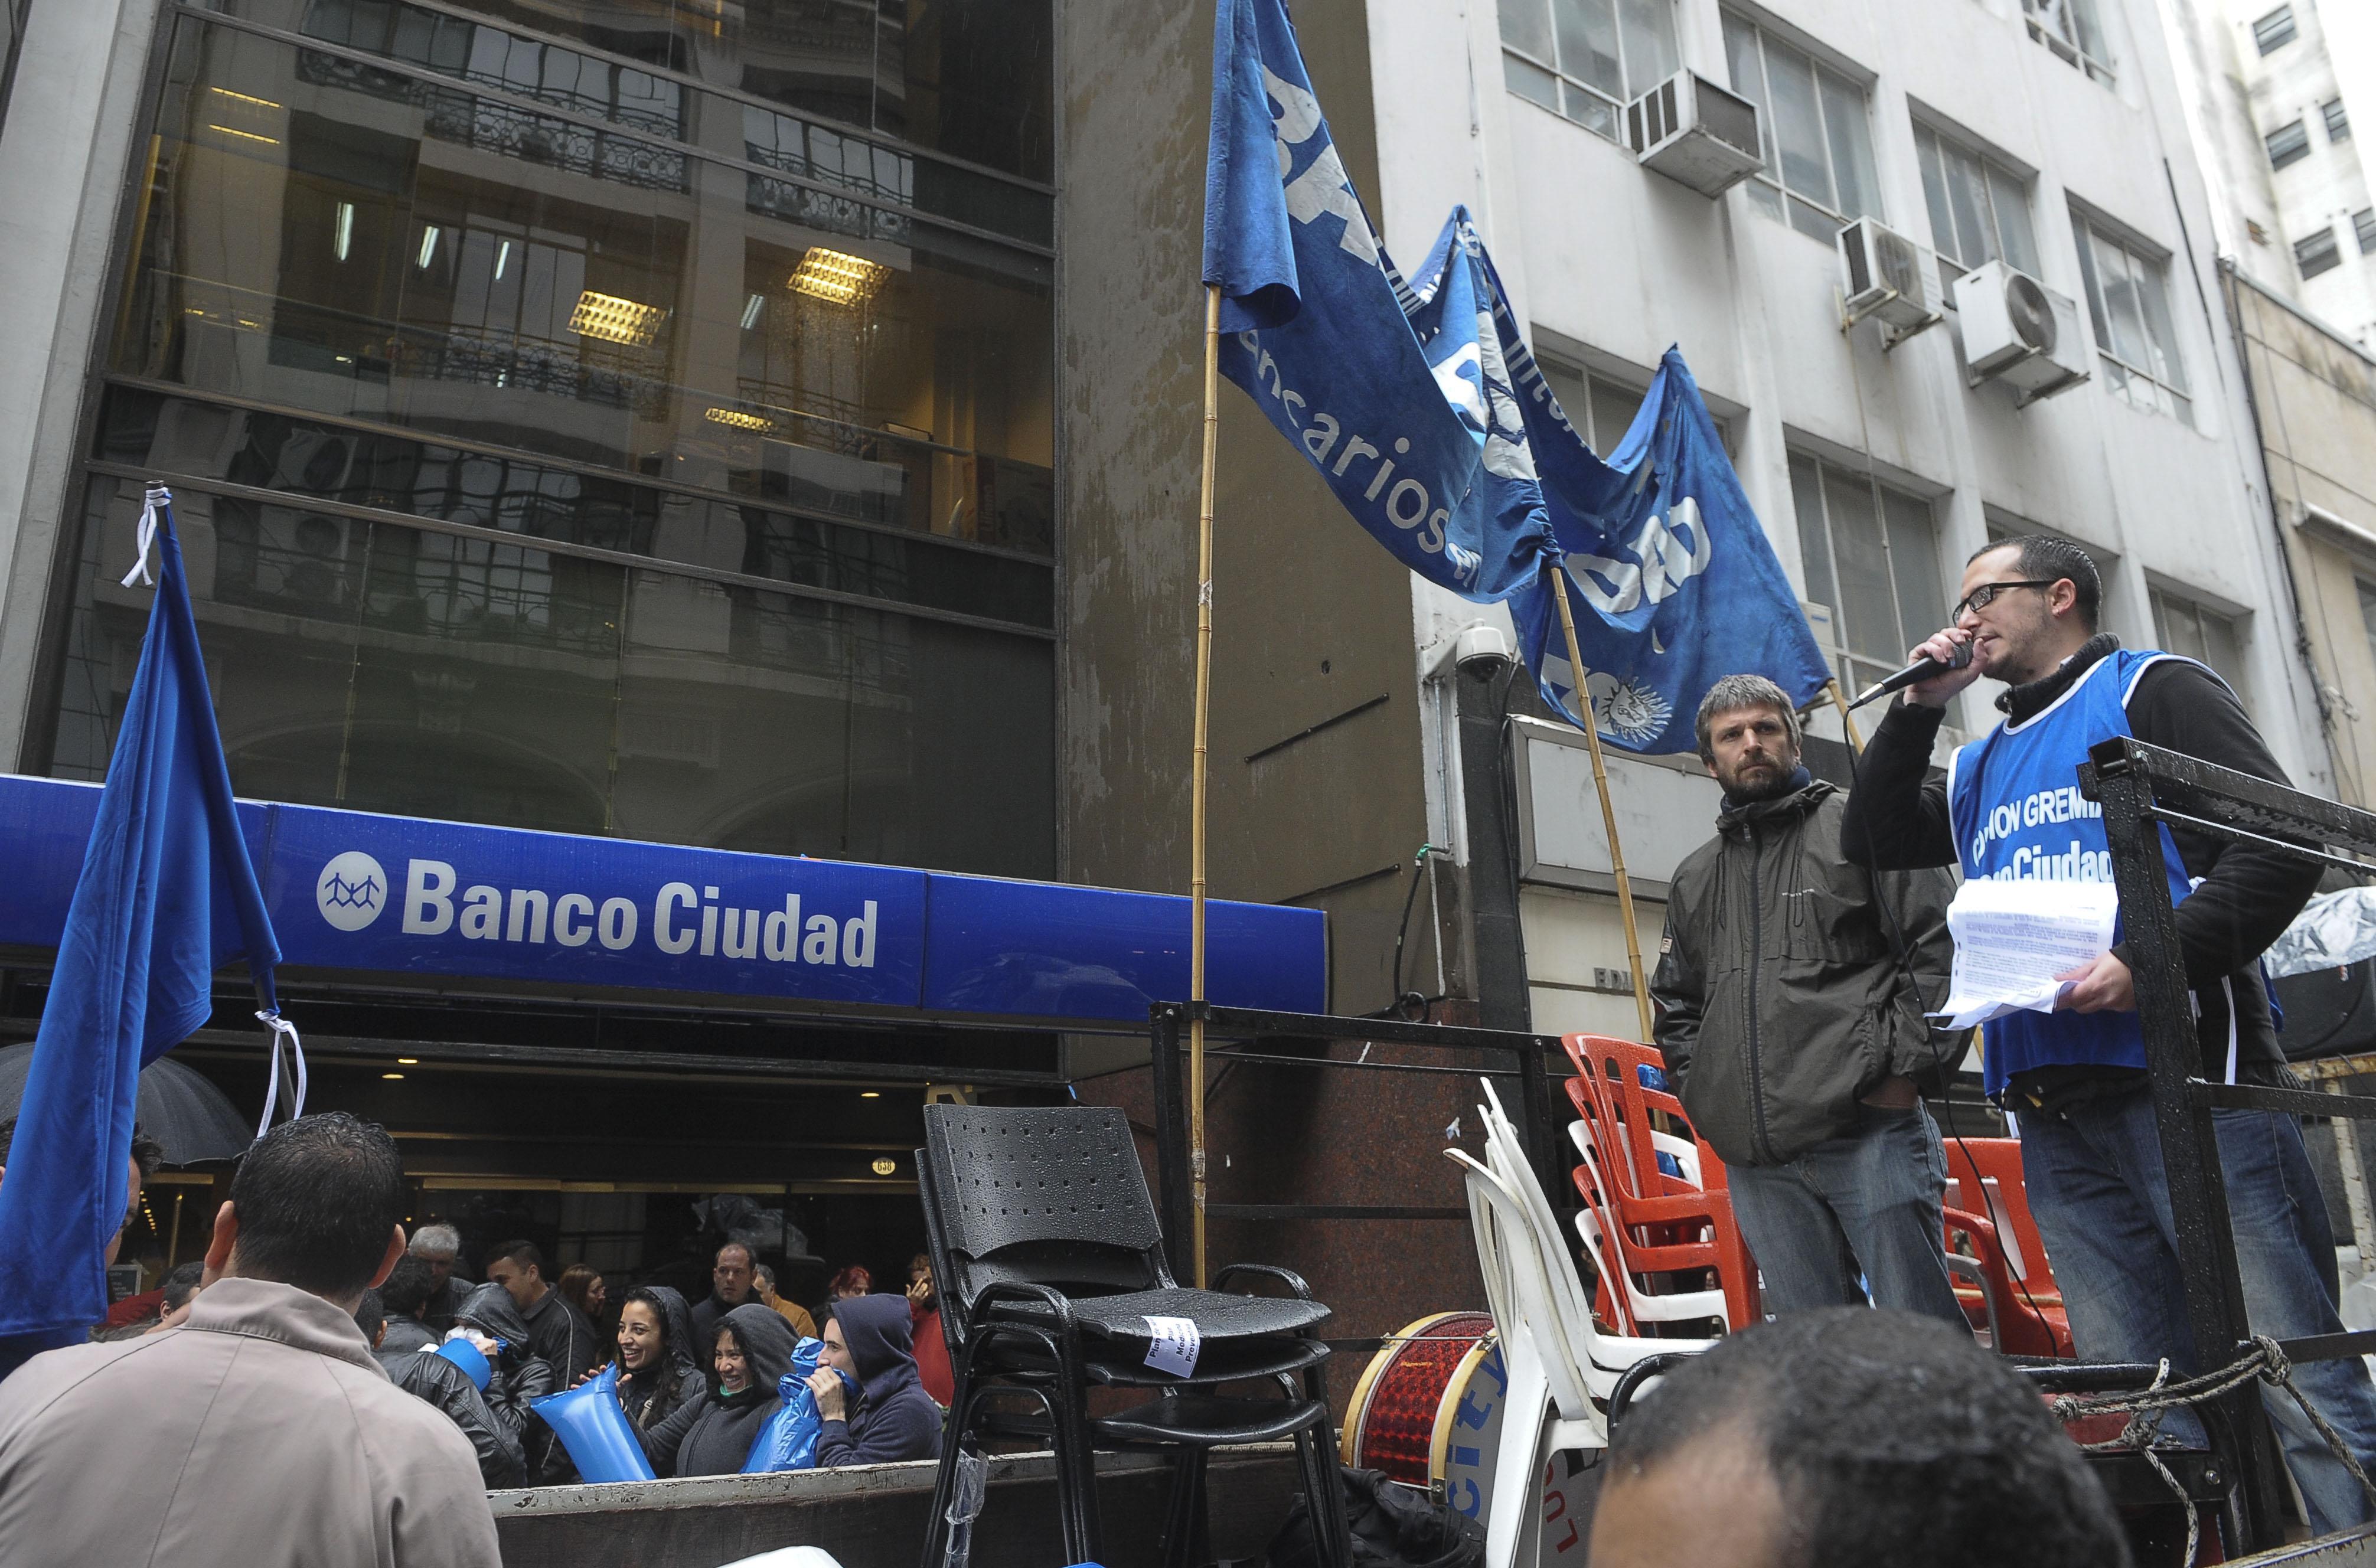 Pararon los trabajadores del Banco Ciudad